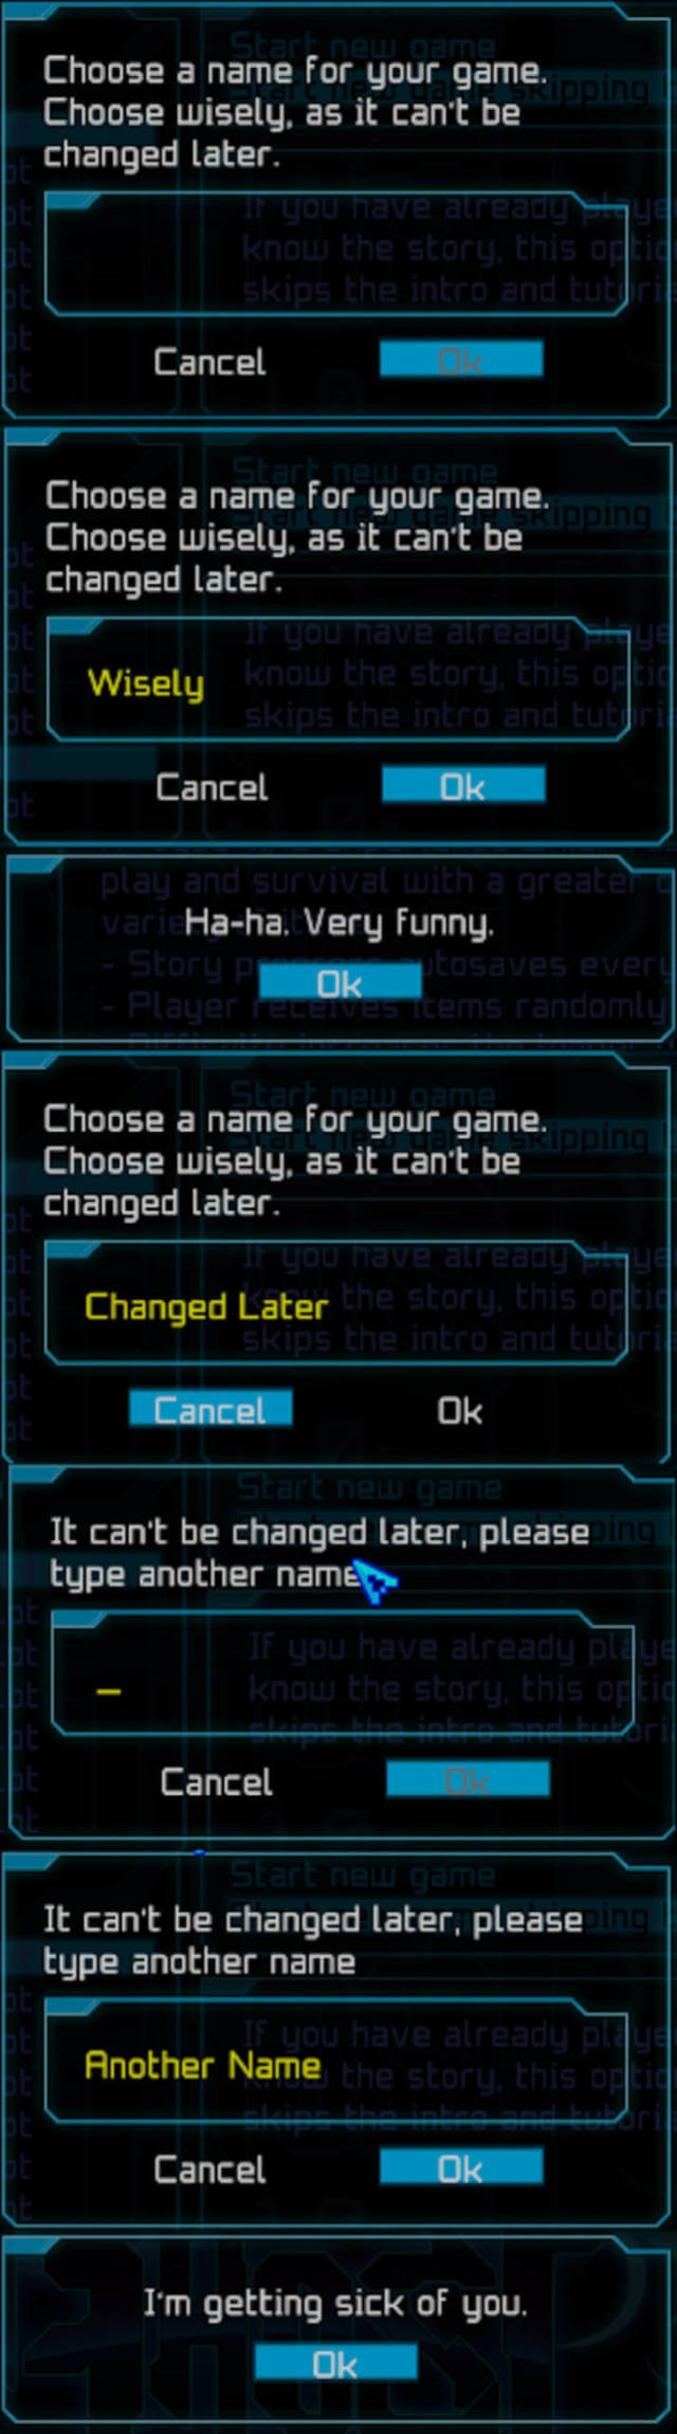 Un nom à choisir judicieusement, car il ne pourra être changer plus tard.